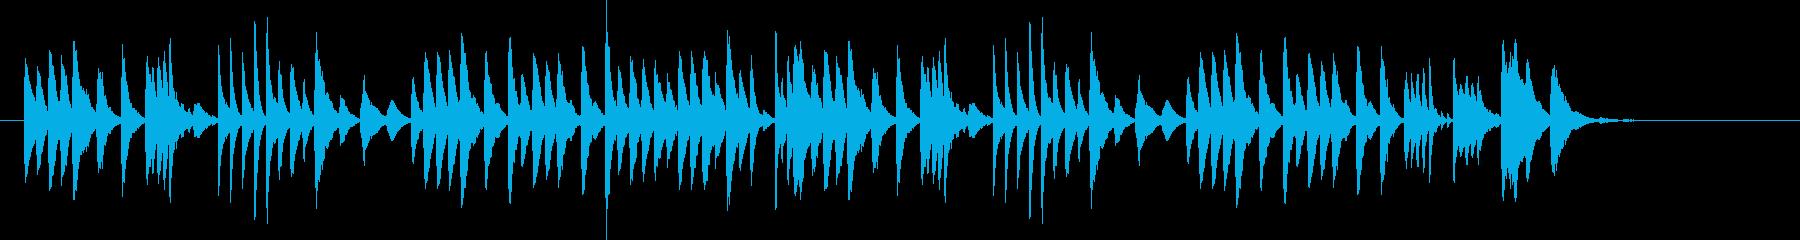 チャイコフスキー葦笛の踊りをマリンバでの再生済みの波形